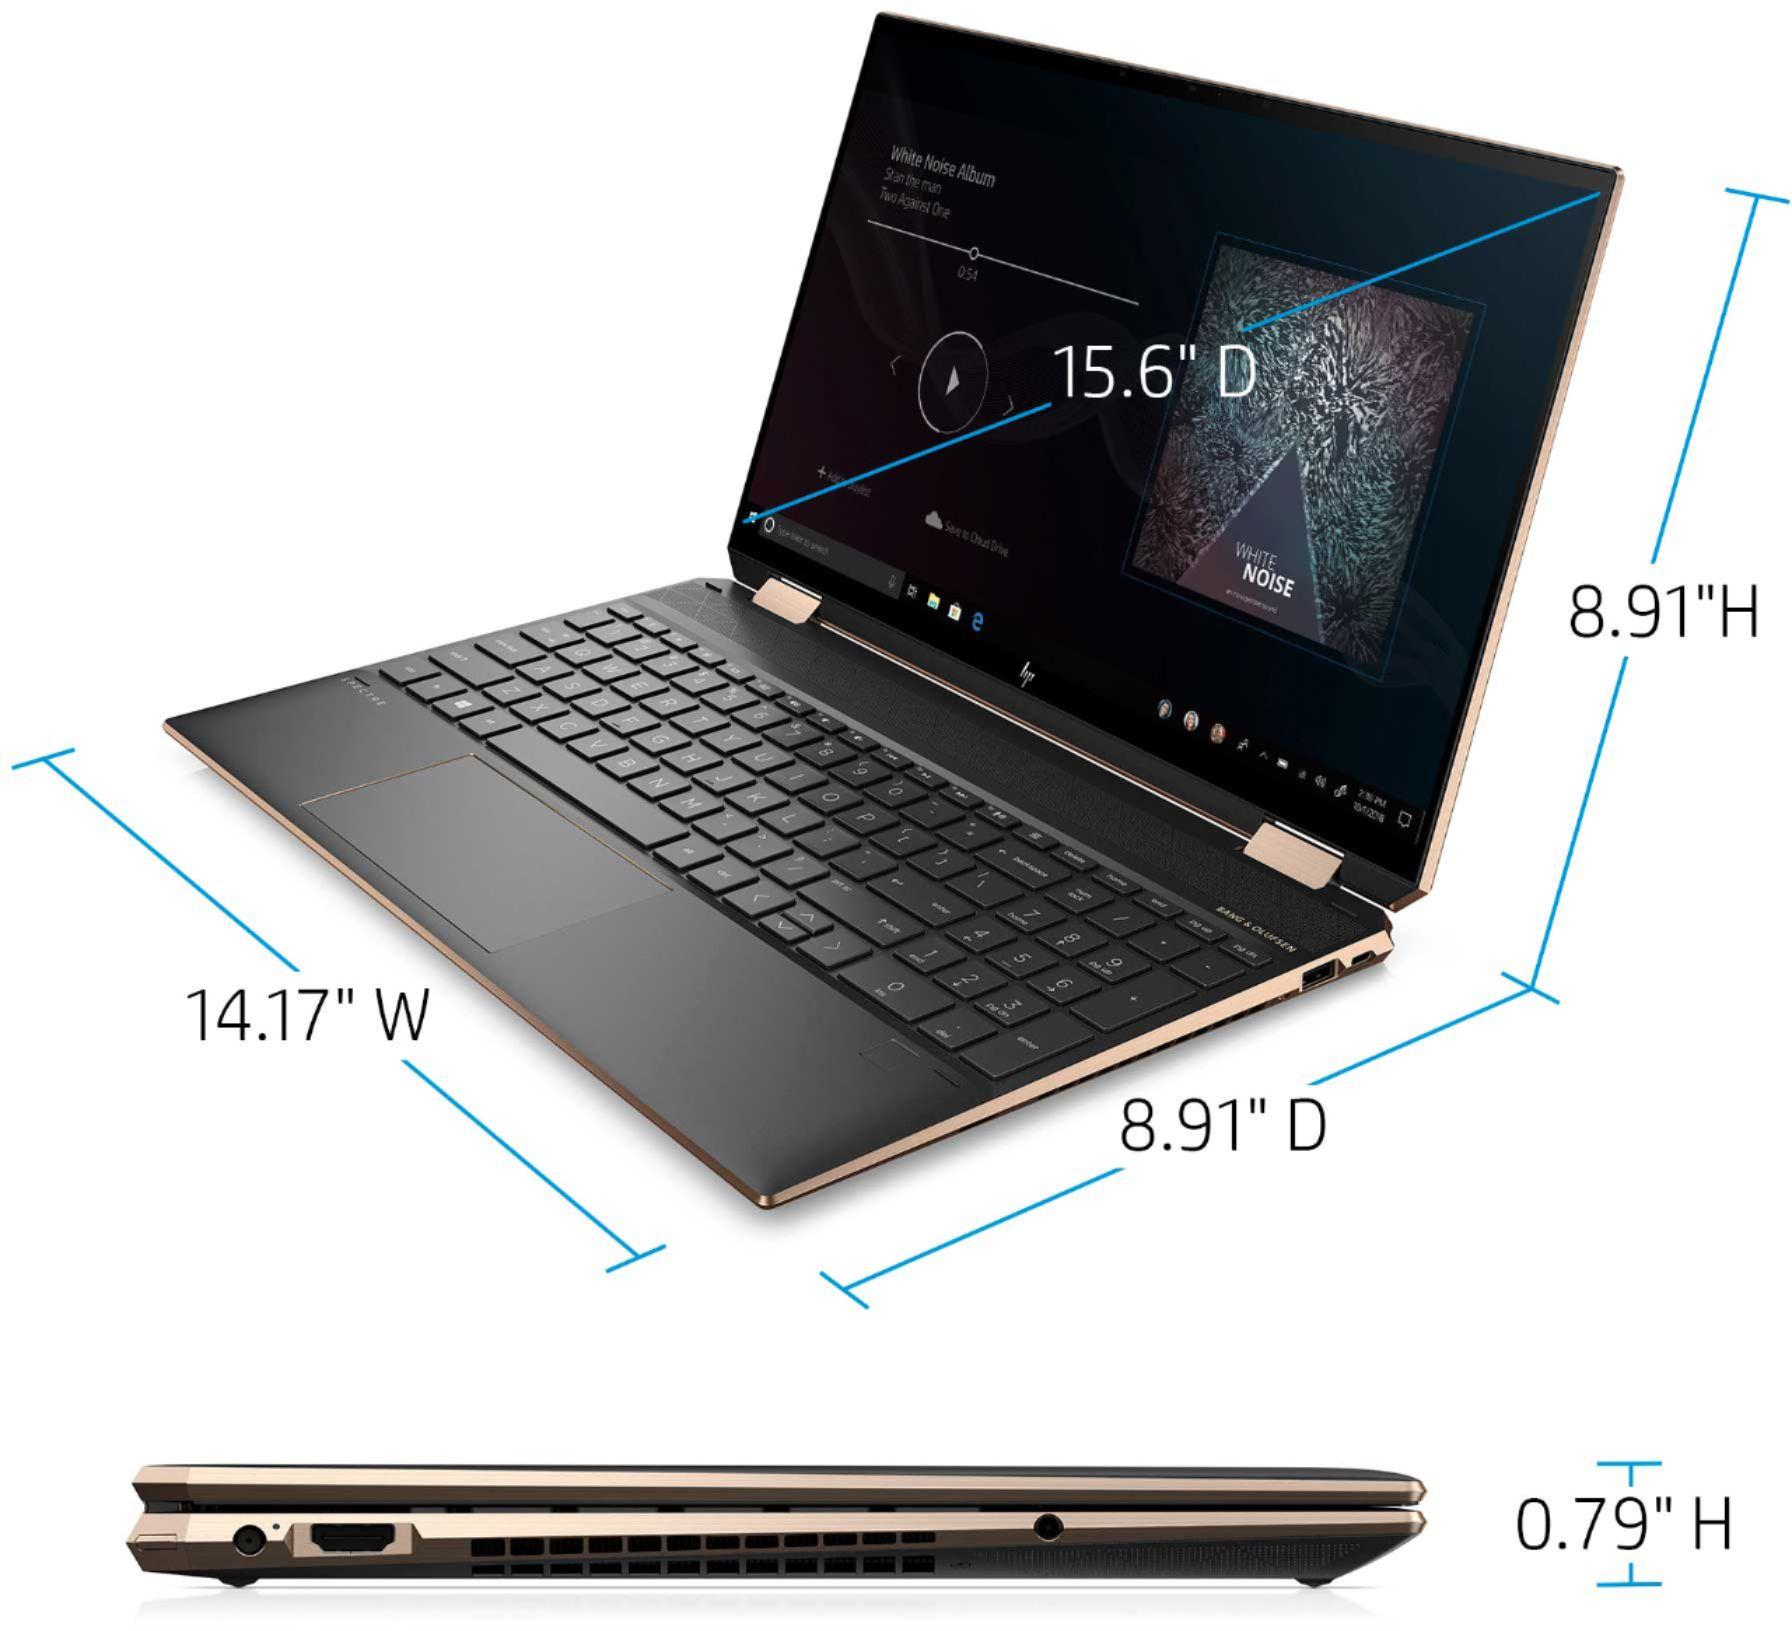 HP - Spectre x360 2-in-1 15.6